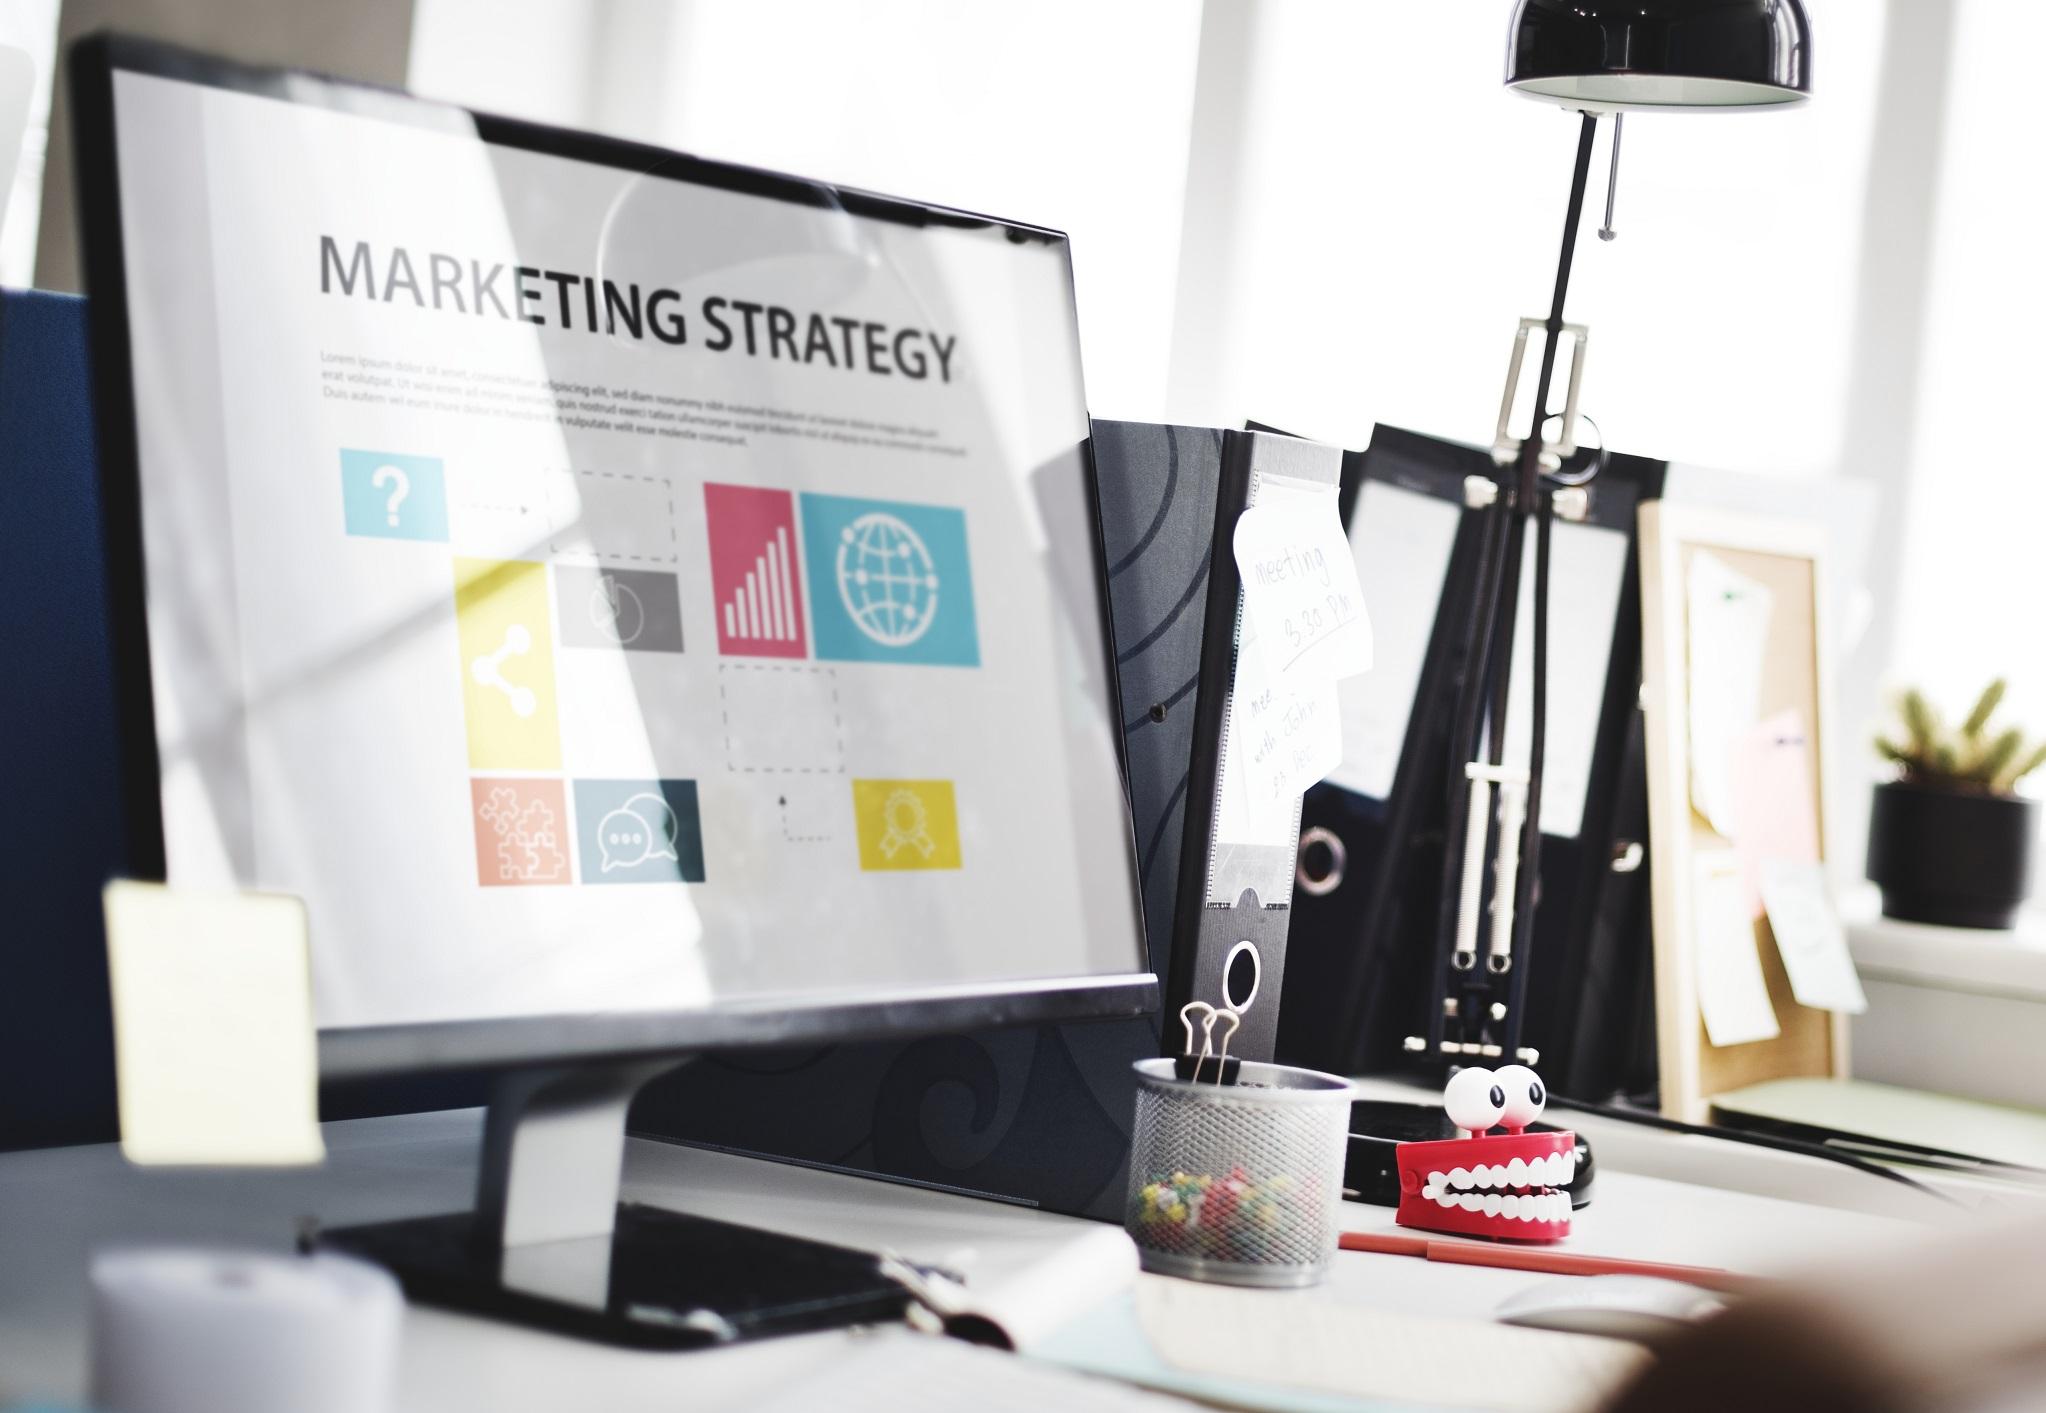 یک برنامه بازاریابی دیجیتال شامل چه مواردی باید باشد؟